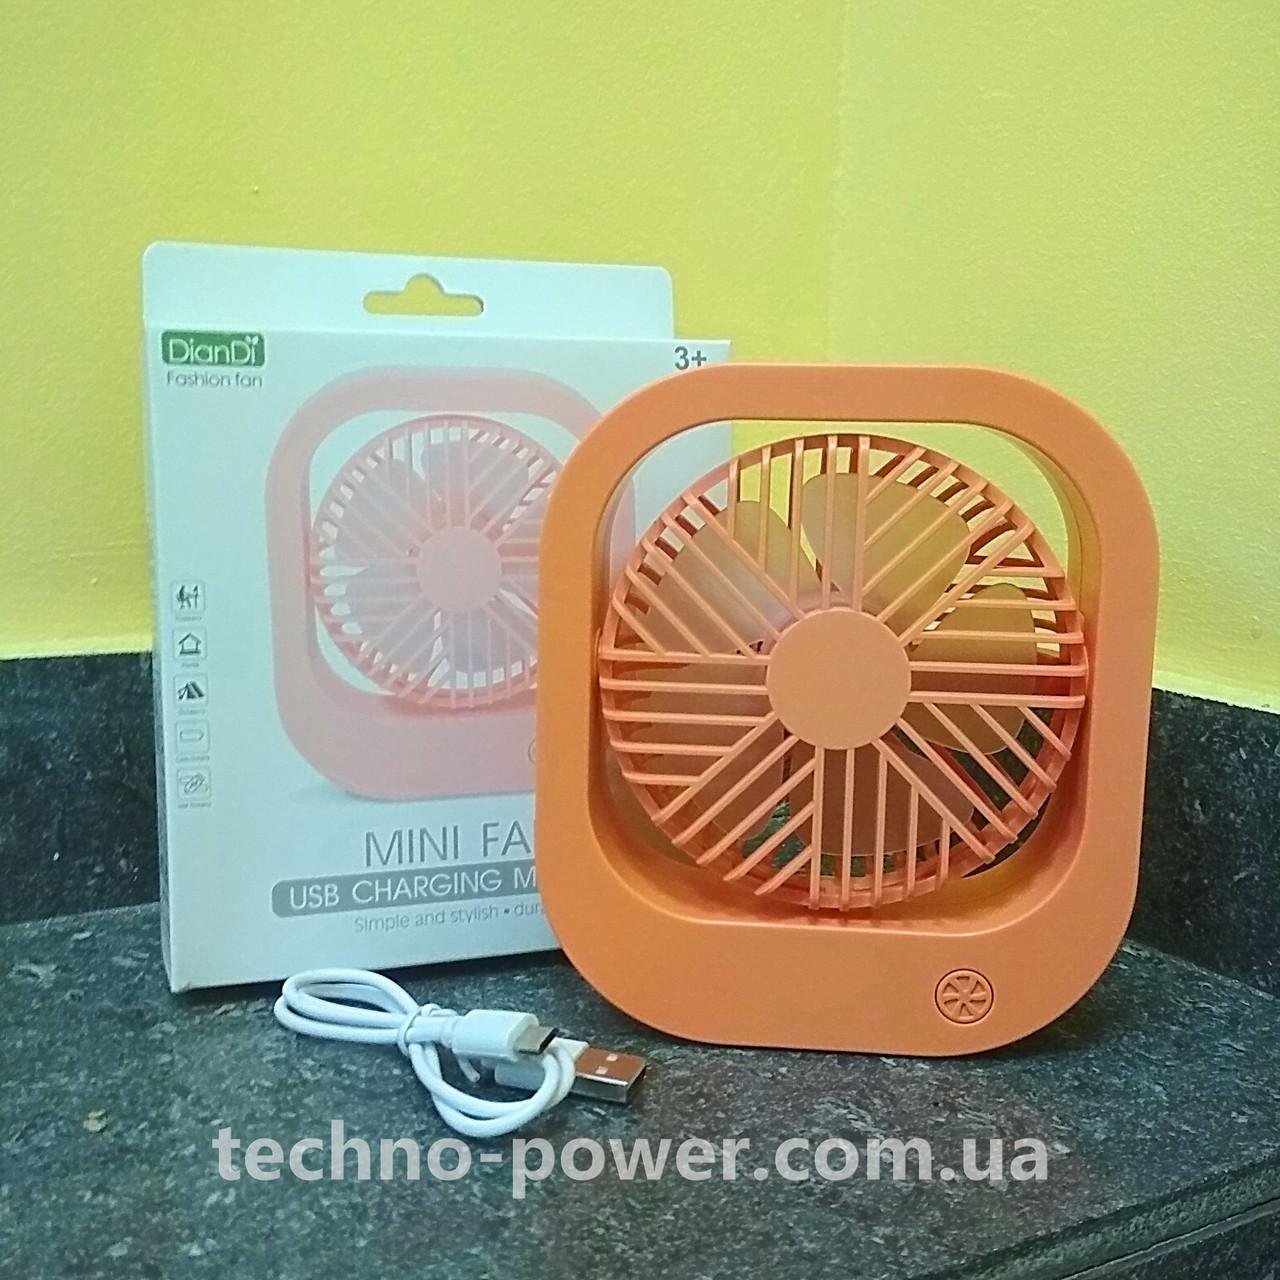 Вентилятор портативный DianDi Square настольный. Вентилятор аккумуляторный 2 скорости